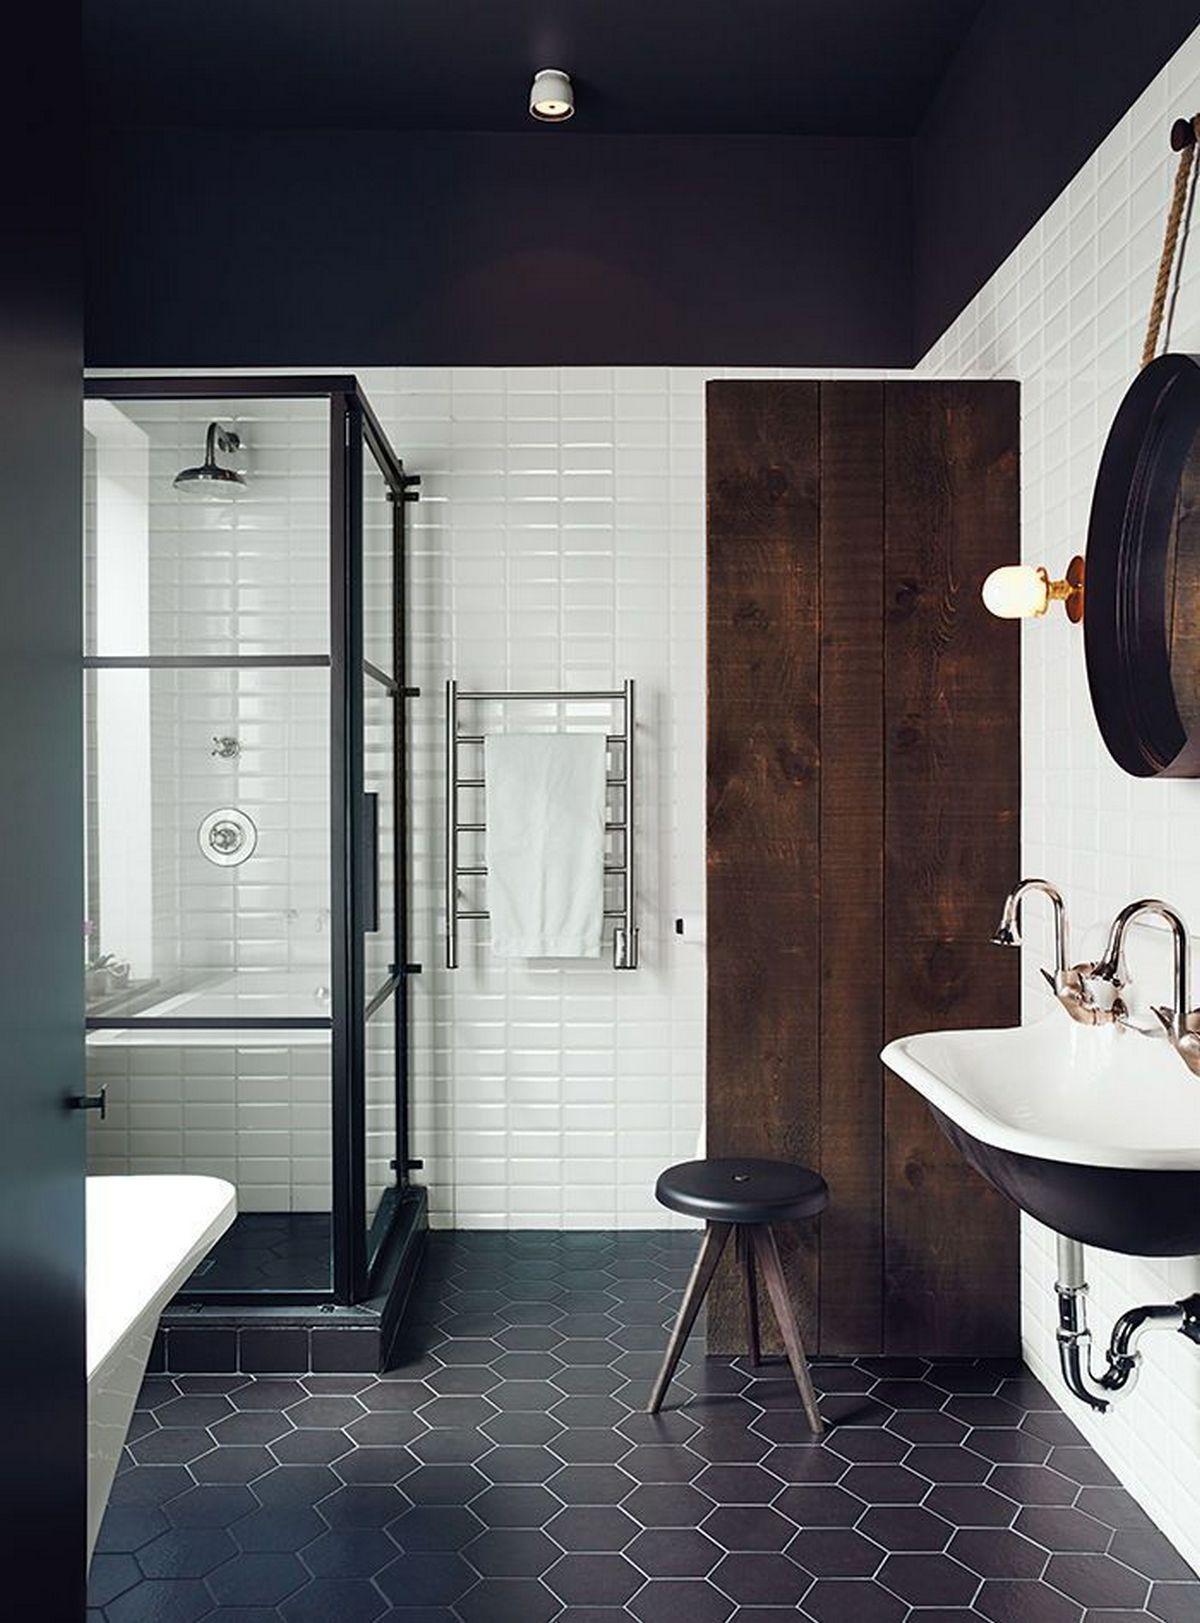 индустриальный стиль в интерьере фото ванная